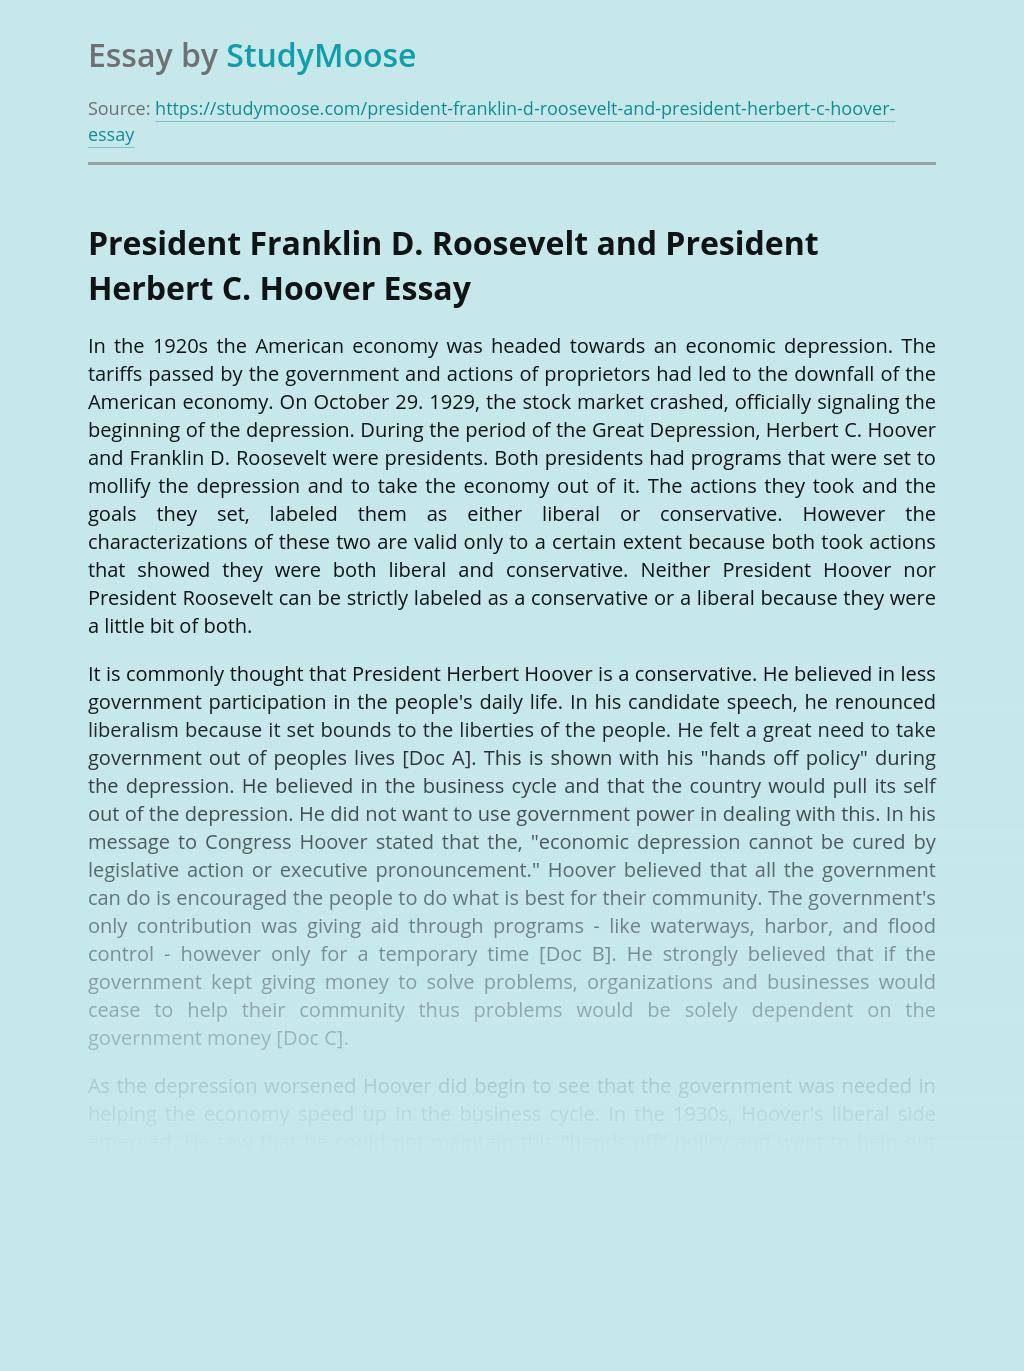 President Franklin D. Roosevelt and President Herbert C. Hoover